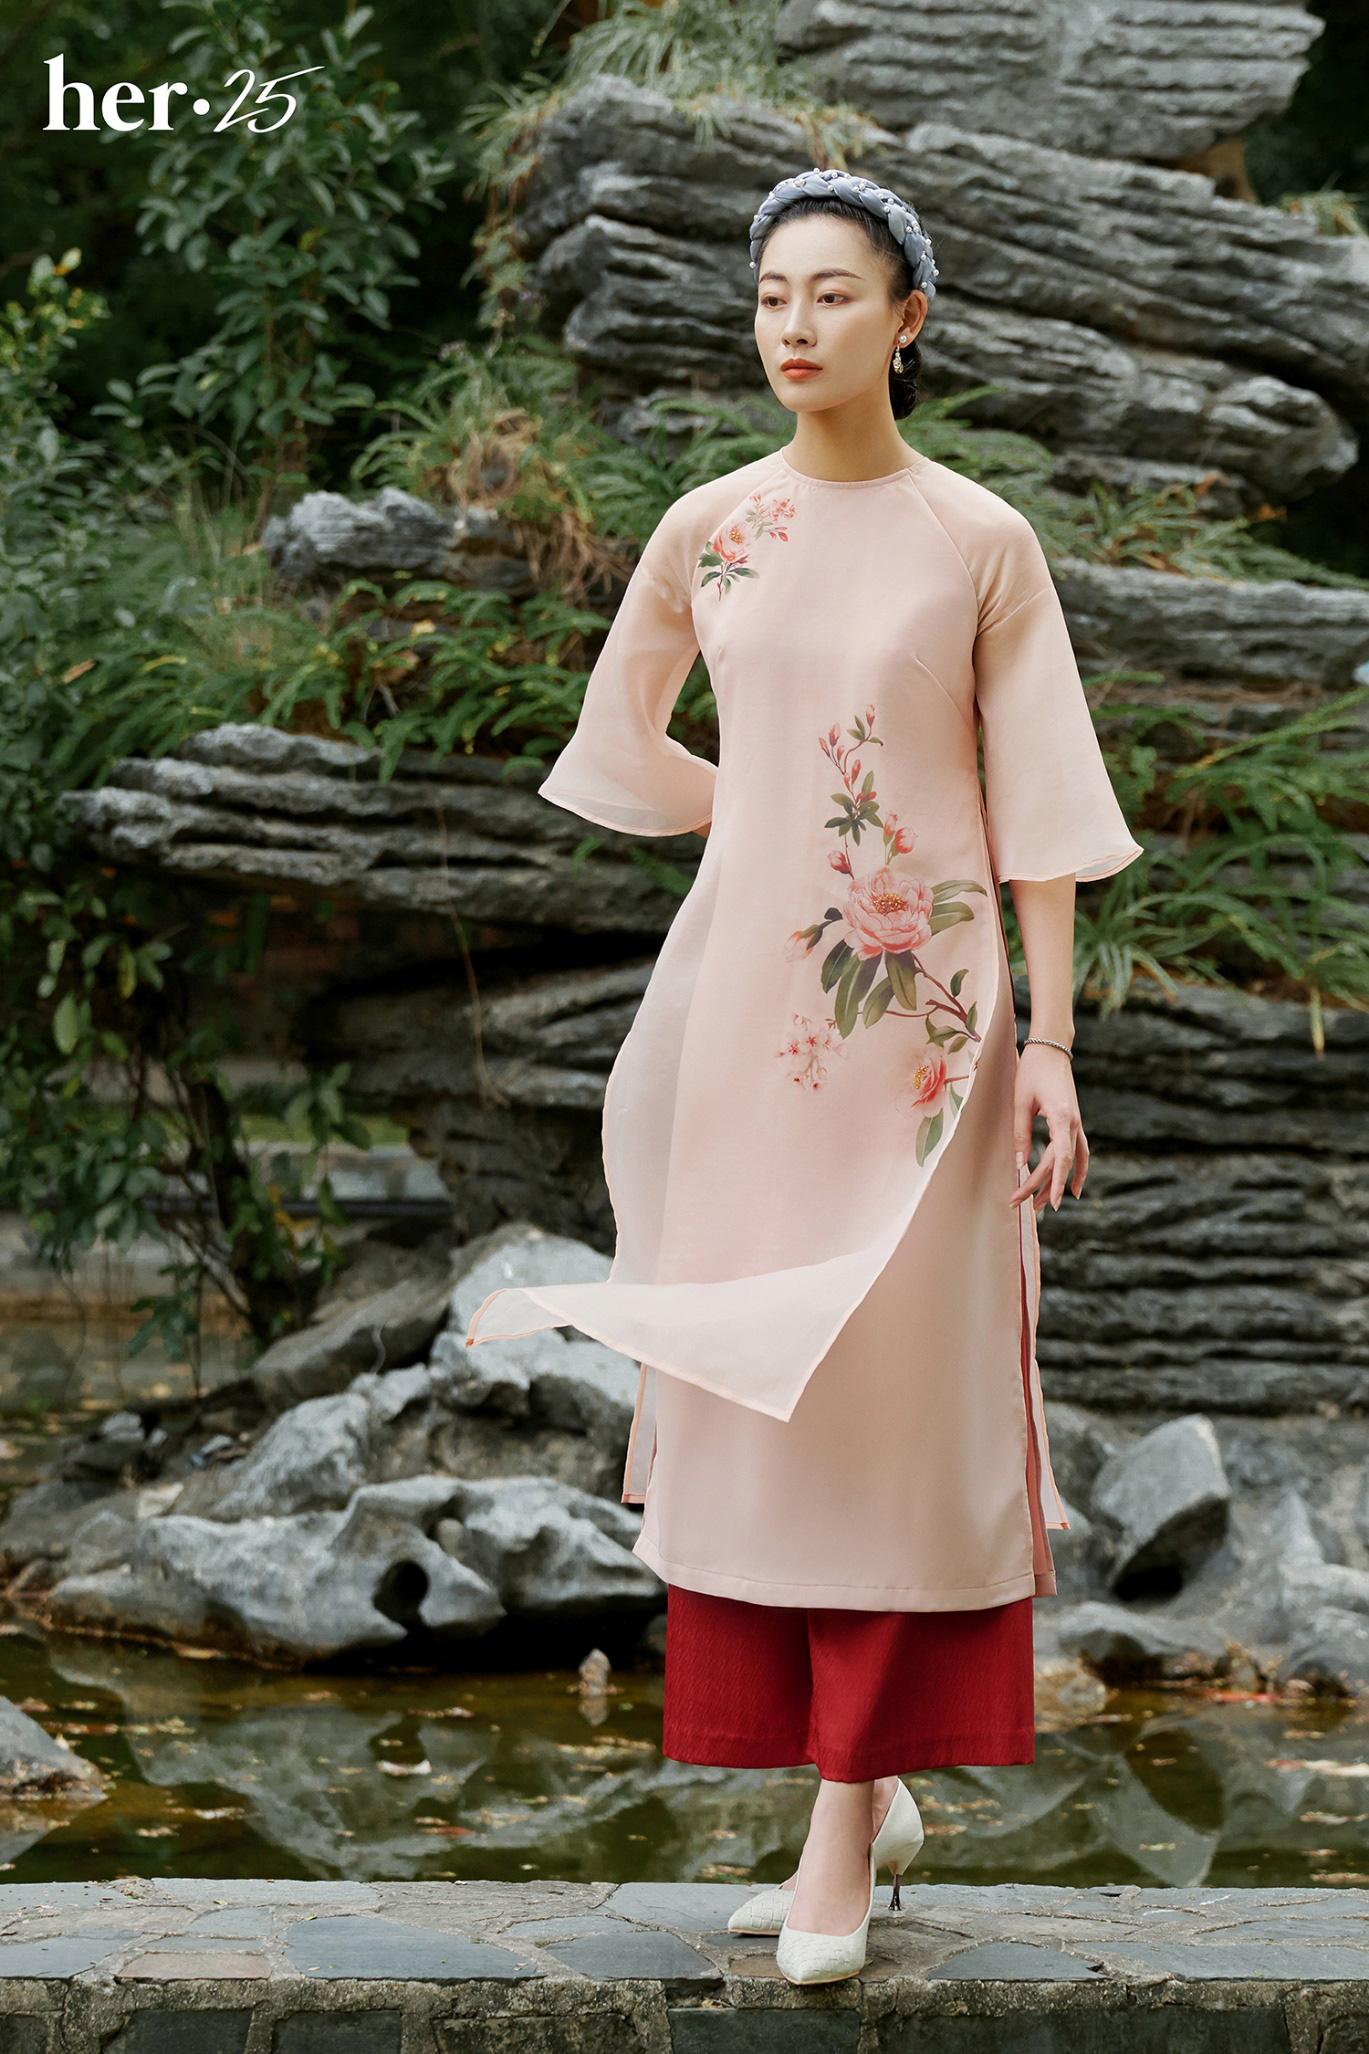 Tết mặc áo dài không mập với 5 tips dễ thử từ HER 25 - Ảnh 4.